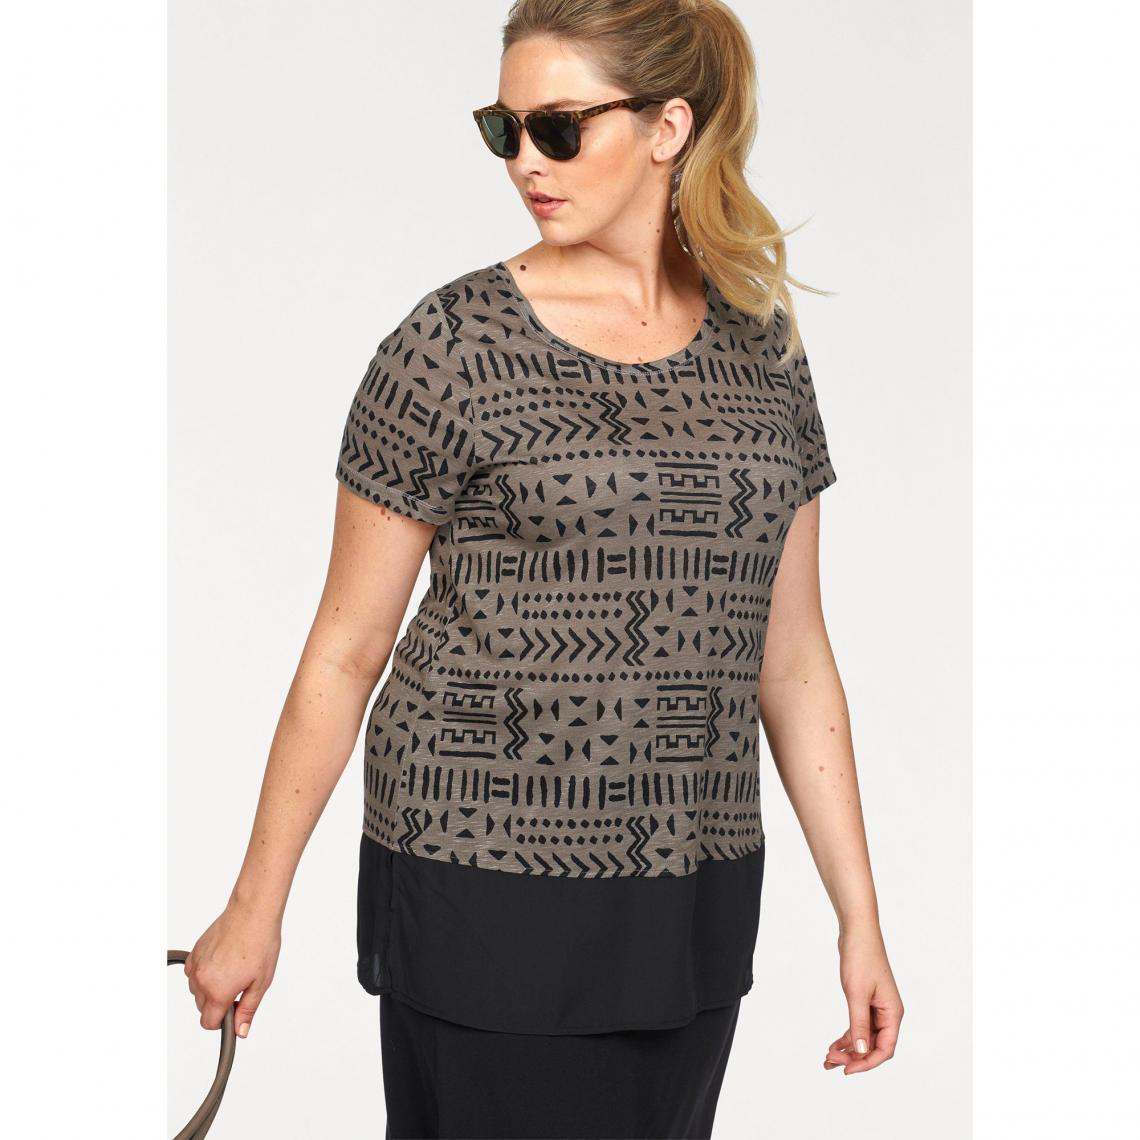 c713b56334cd1 T-shirt long ethnique manches courtes femme Boysen - Marron | 3 SUISSES